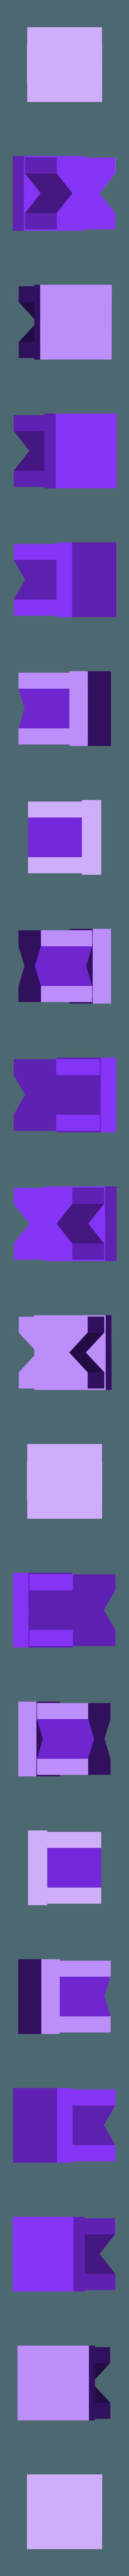 FigurePn.stl Télécharger fichier STL gratuit PacMan 8 bits et fantômes - Pièces séparées (pas besoin de colle) • Design à imprimer en 3D, conceptify